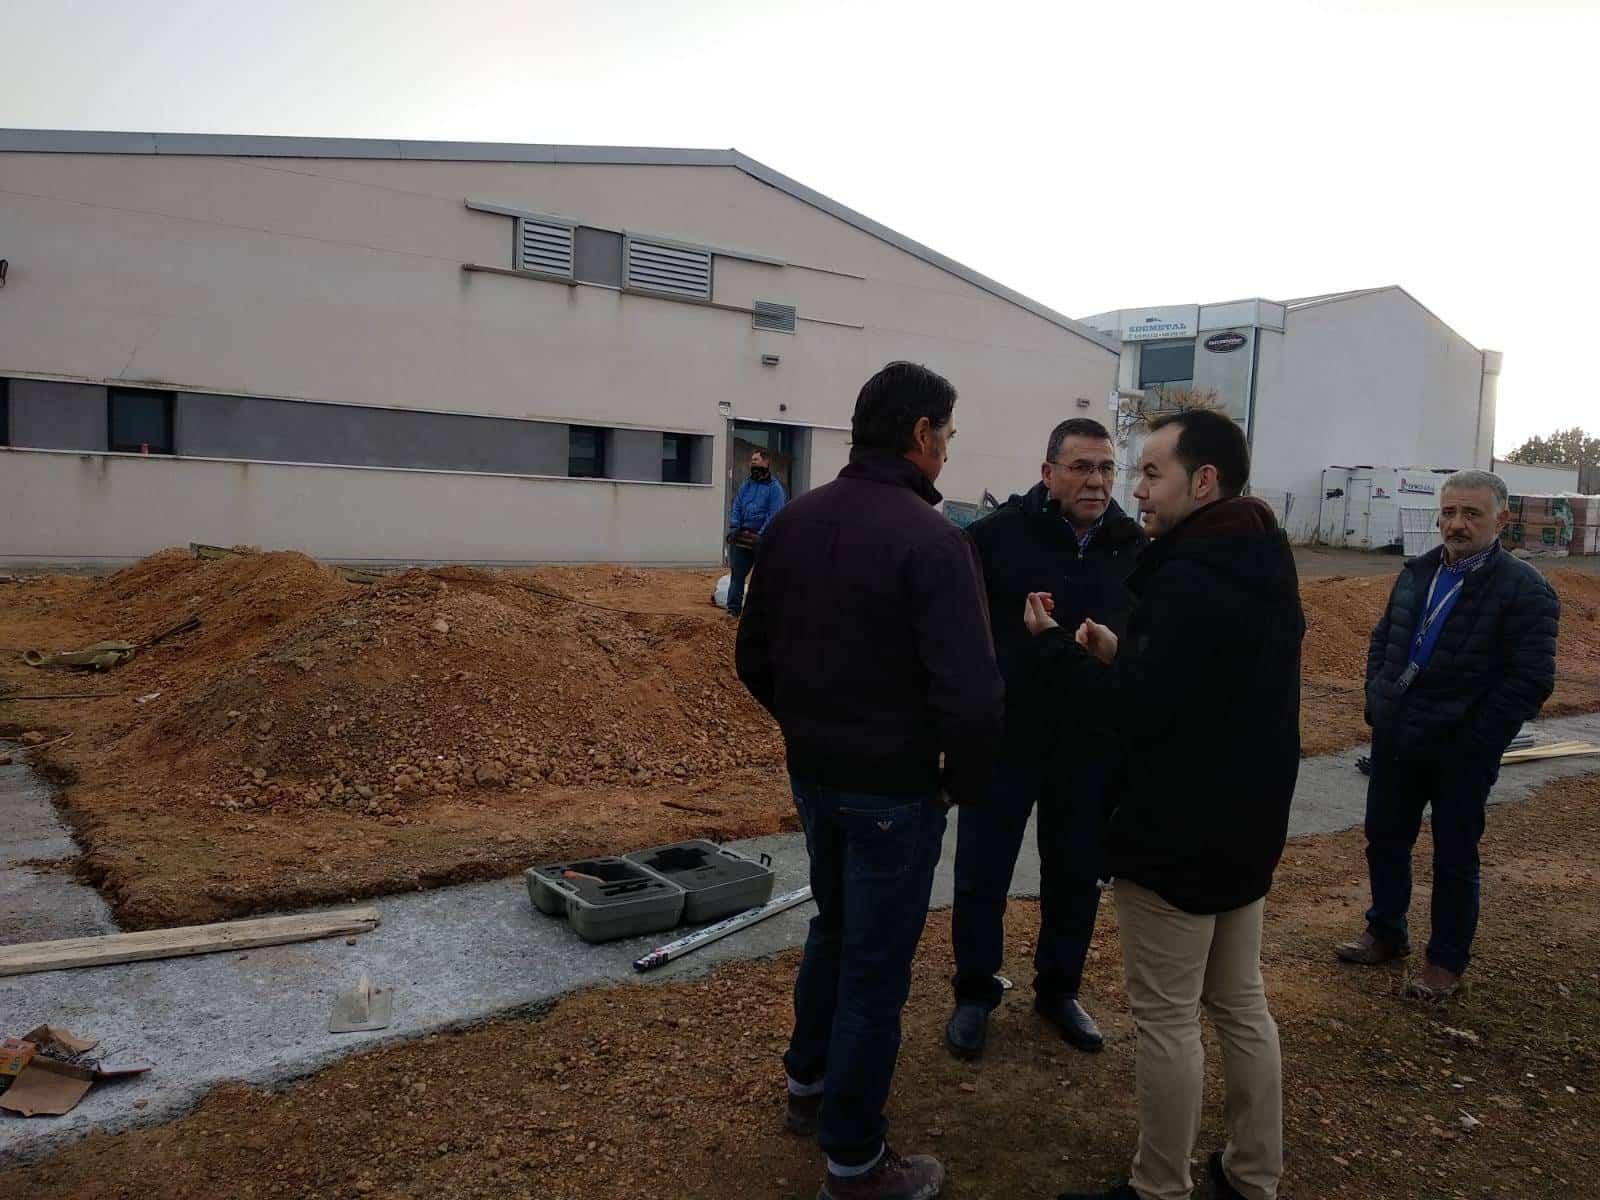 centro de autonomos herencia ciudad real 1 - Avances en las obras del Centro de Emprendedores de Herencia